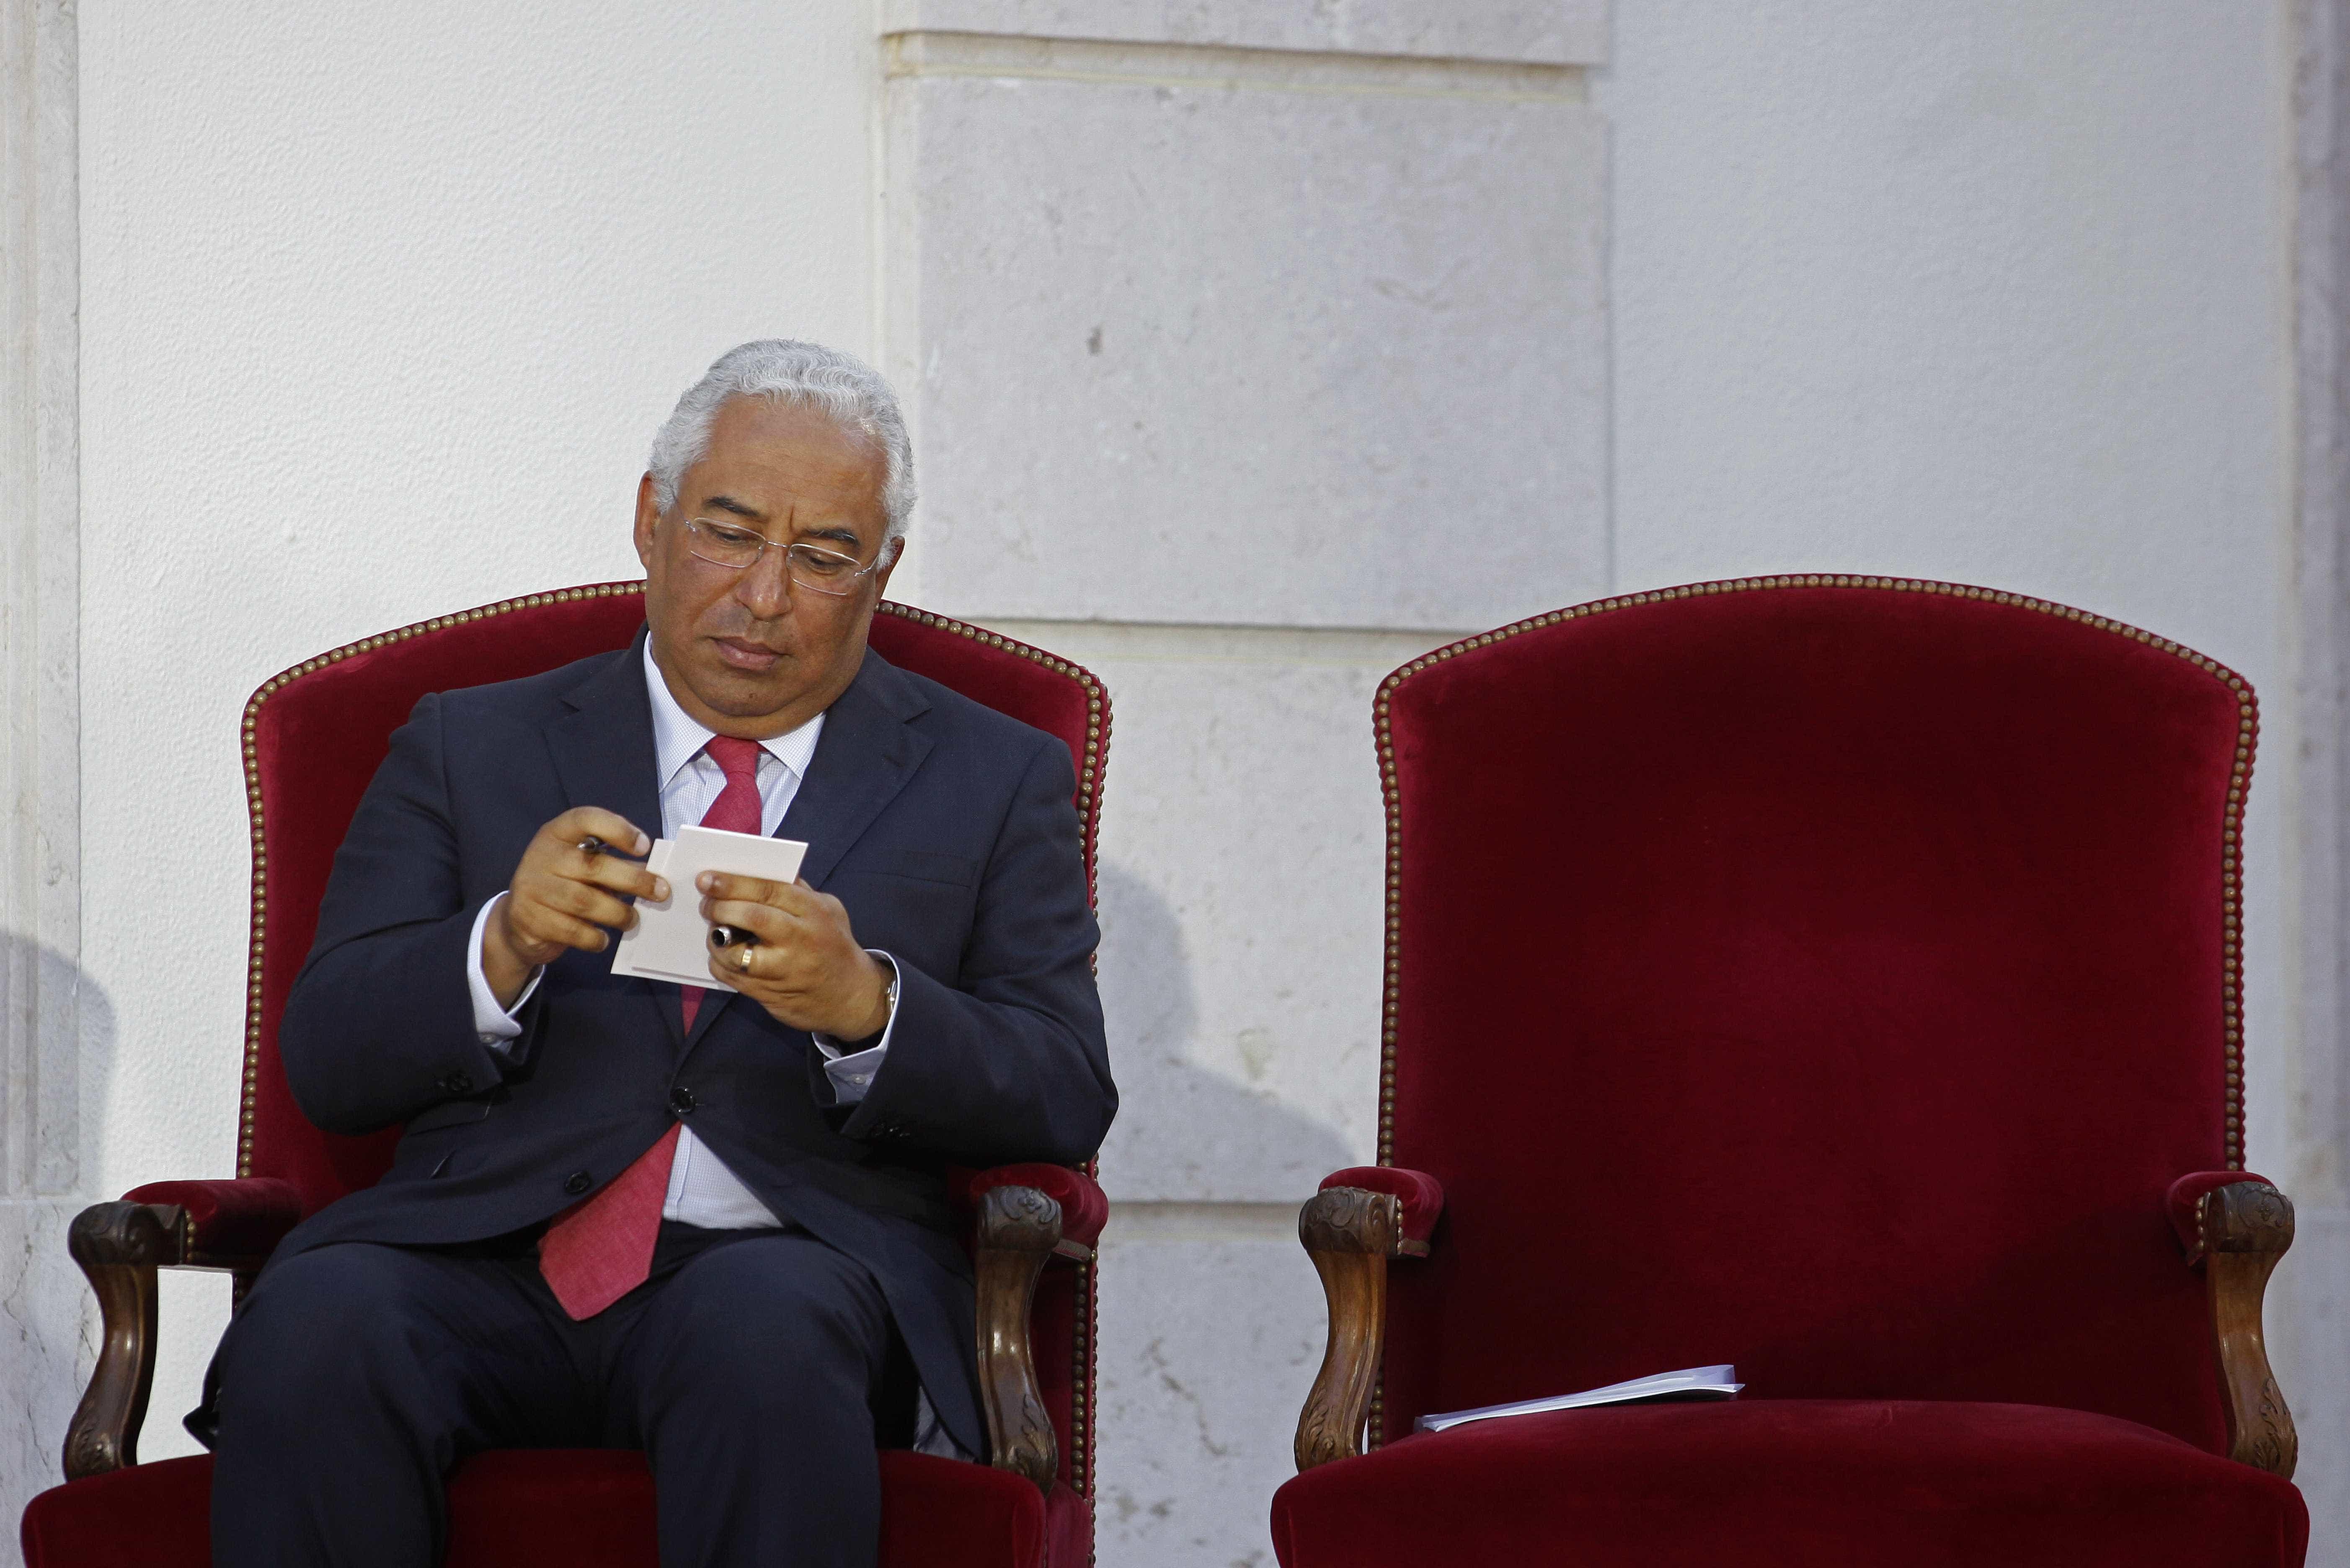 """Costa manda recado: Experiência de Portugal com a China é """"positiva"""""""